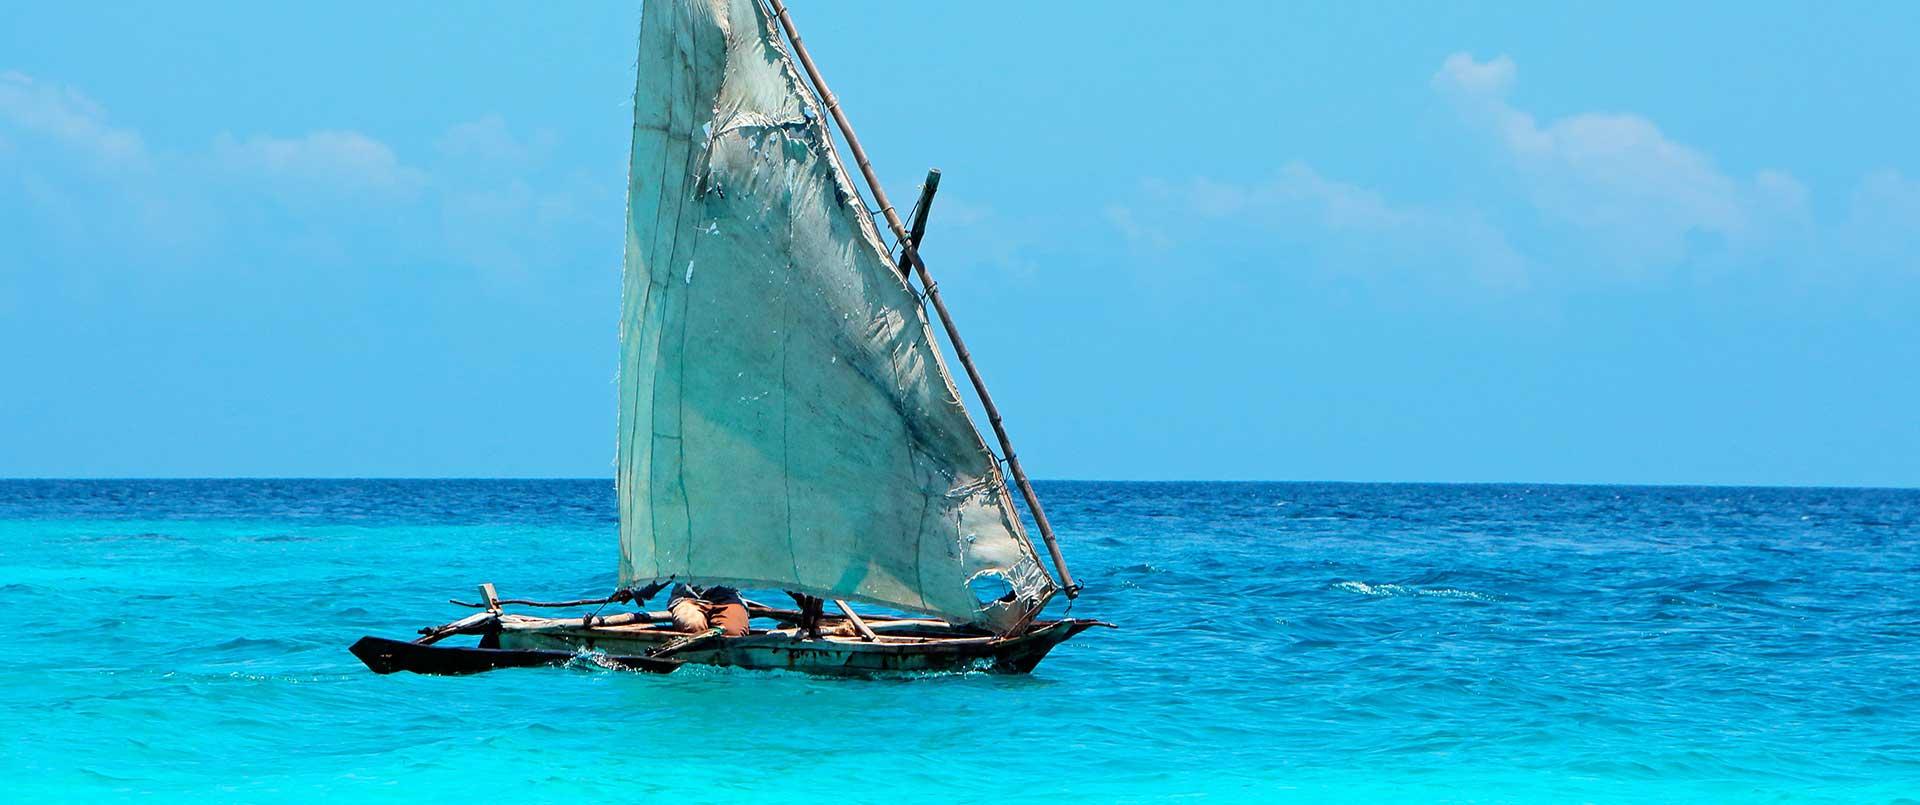 Tanzania and Zanzibar Honeymoon